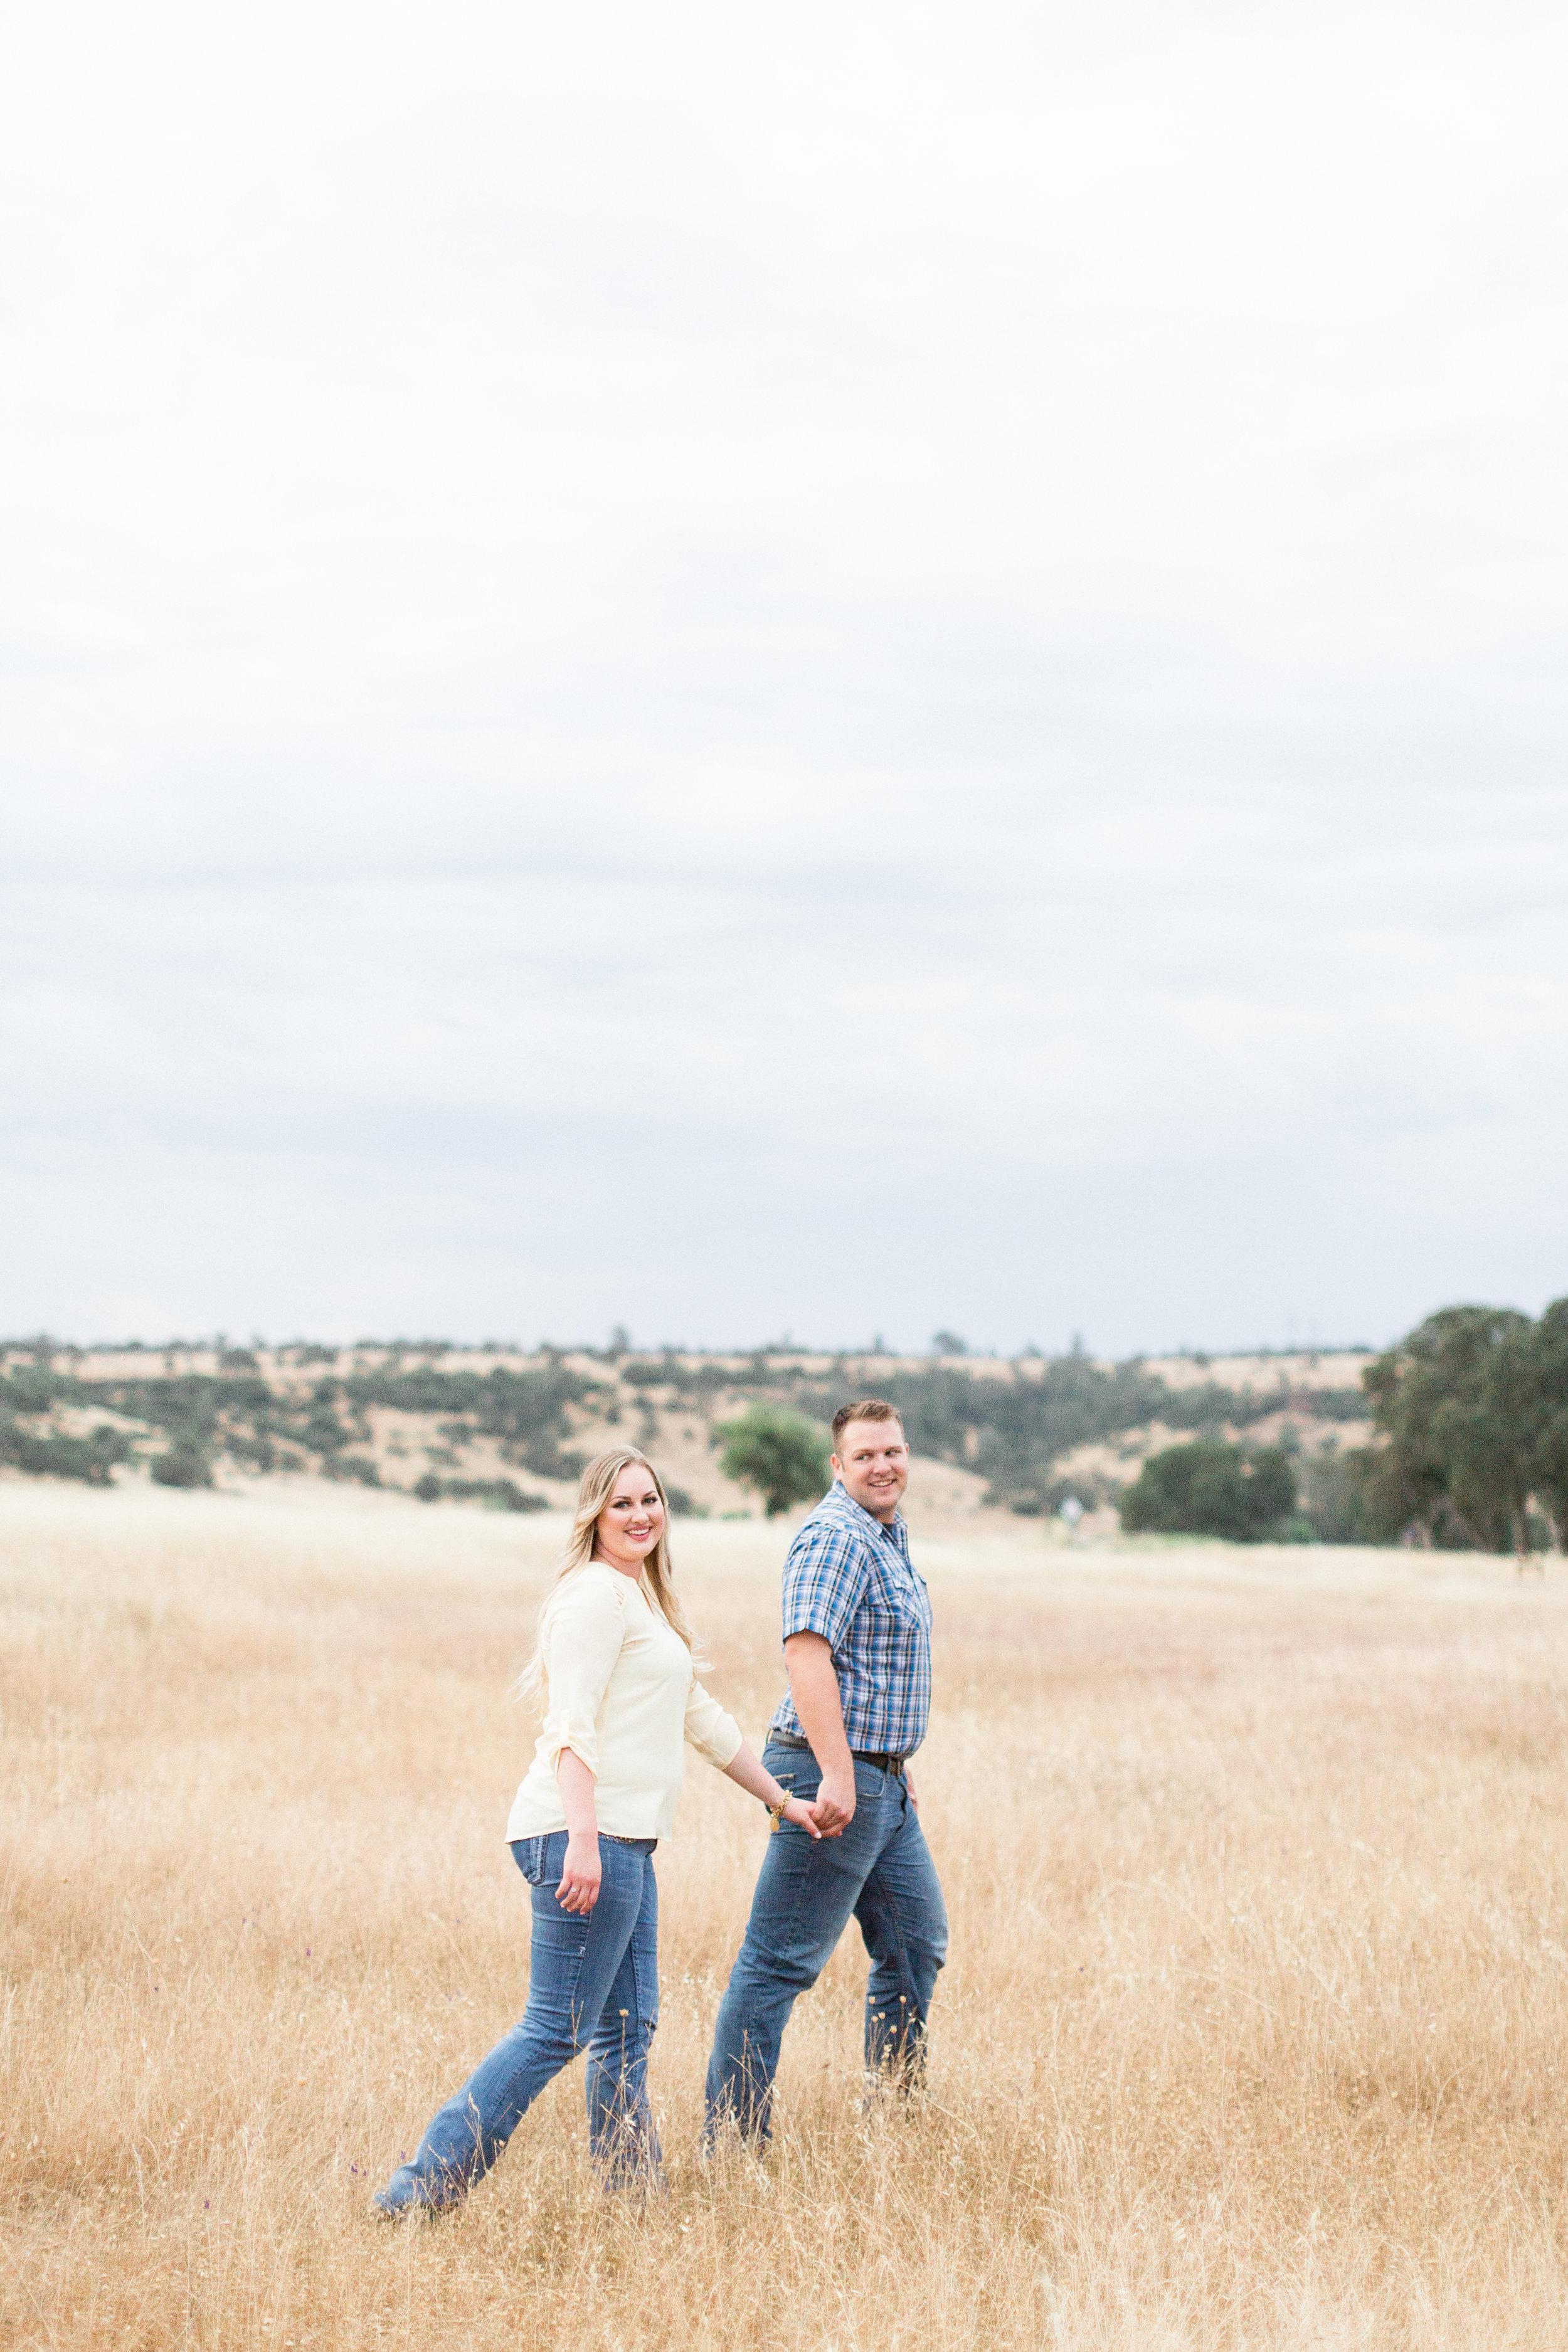 Upper-Bidwell-Park-Engagement-Photos-83.jpg